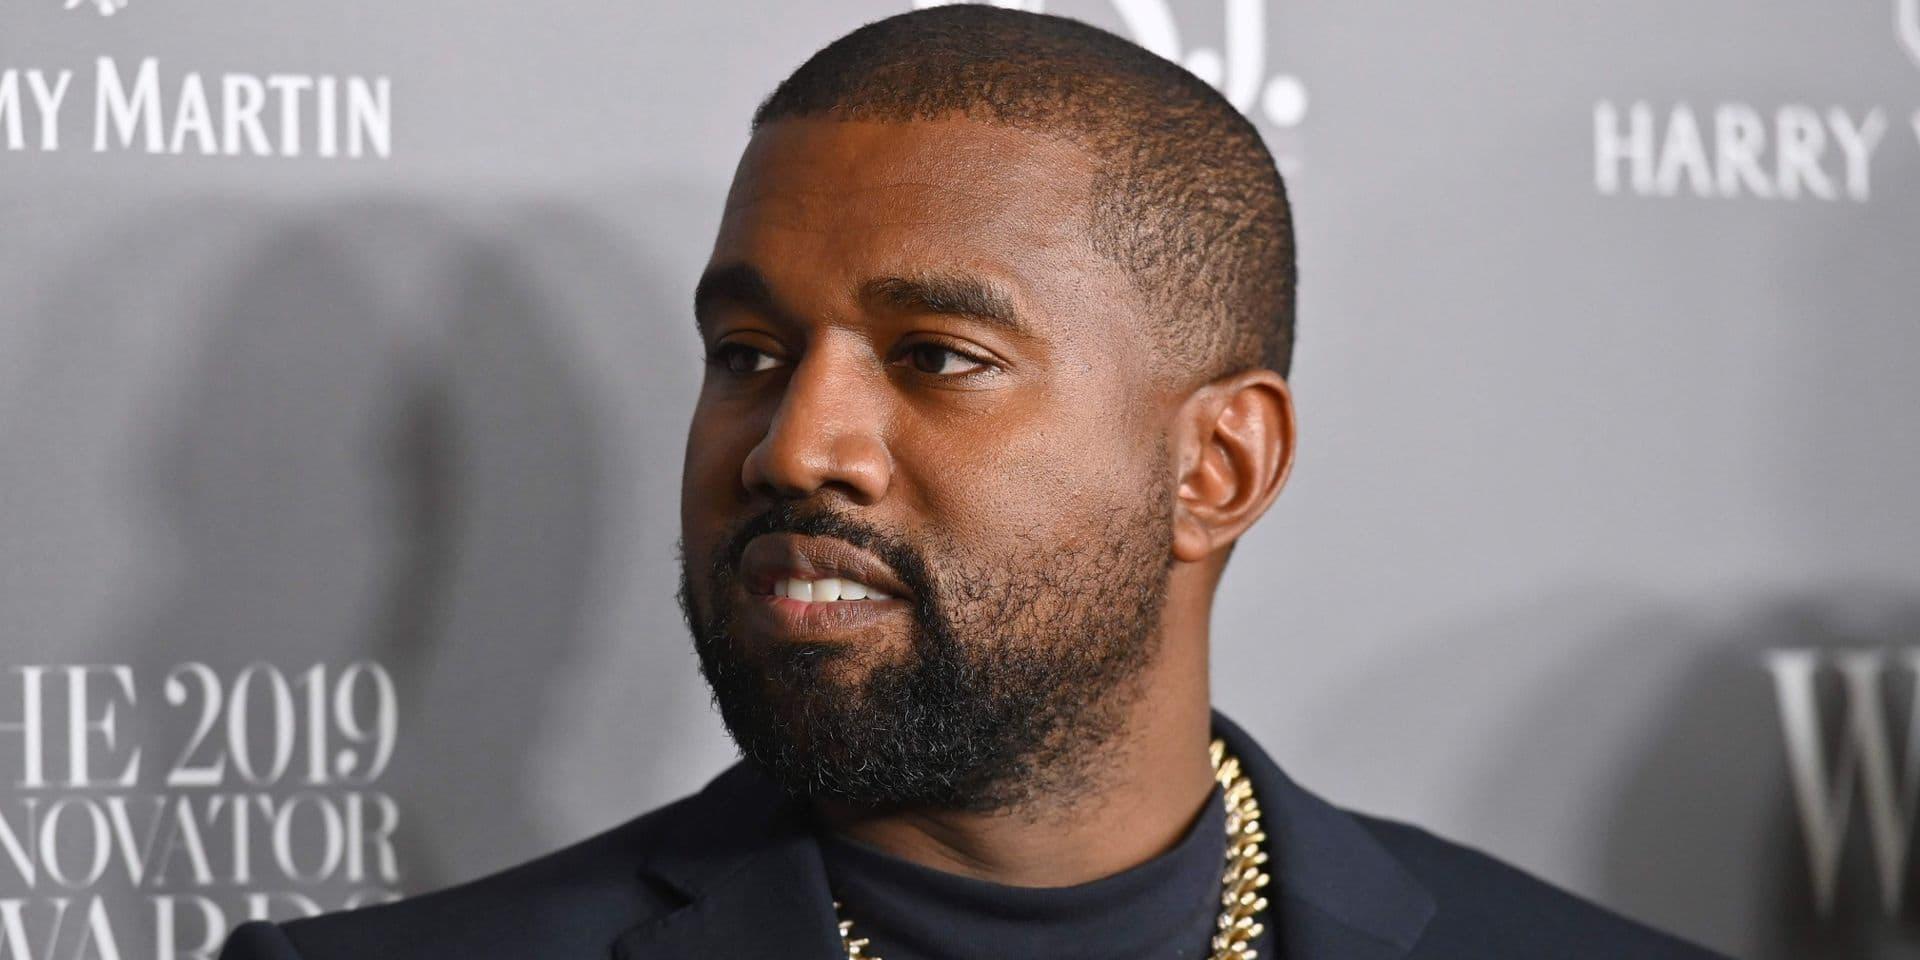 Kanye West s'autoproclame génial milliardaire chrétien, ni plus ni moins